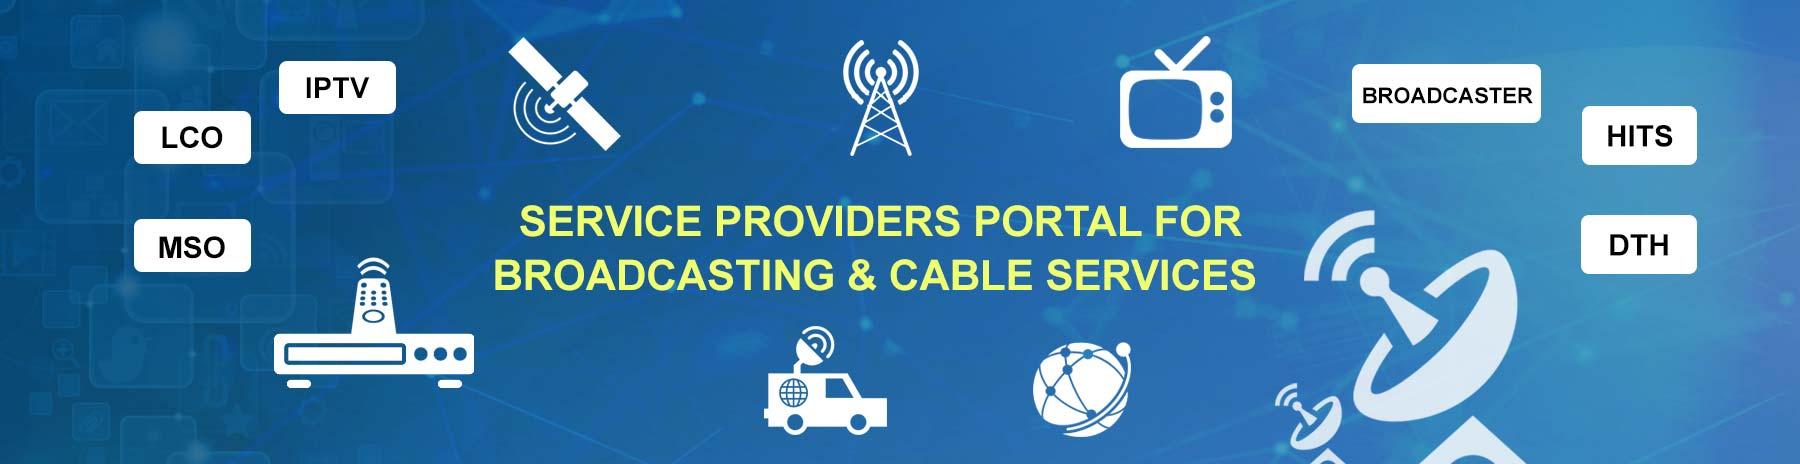 Service Providers Portal